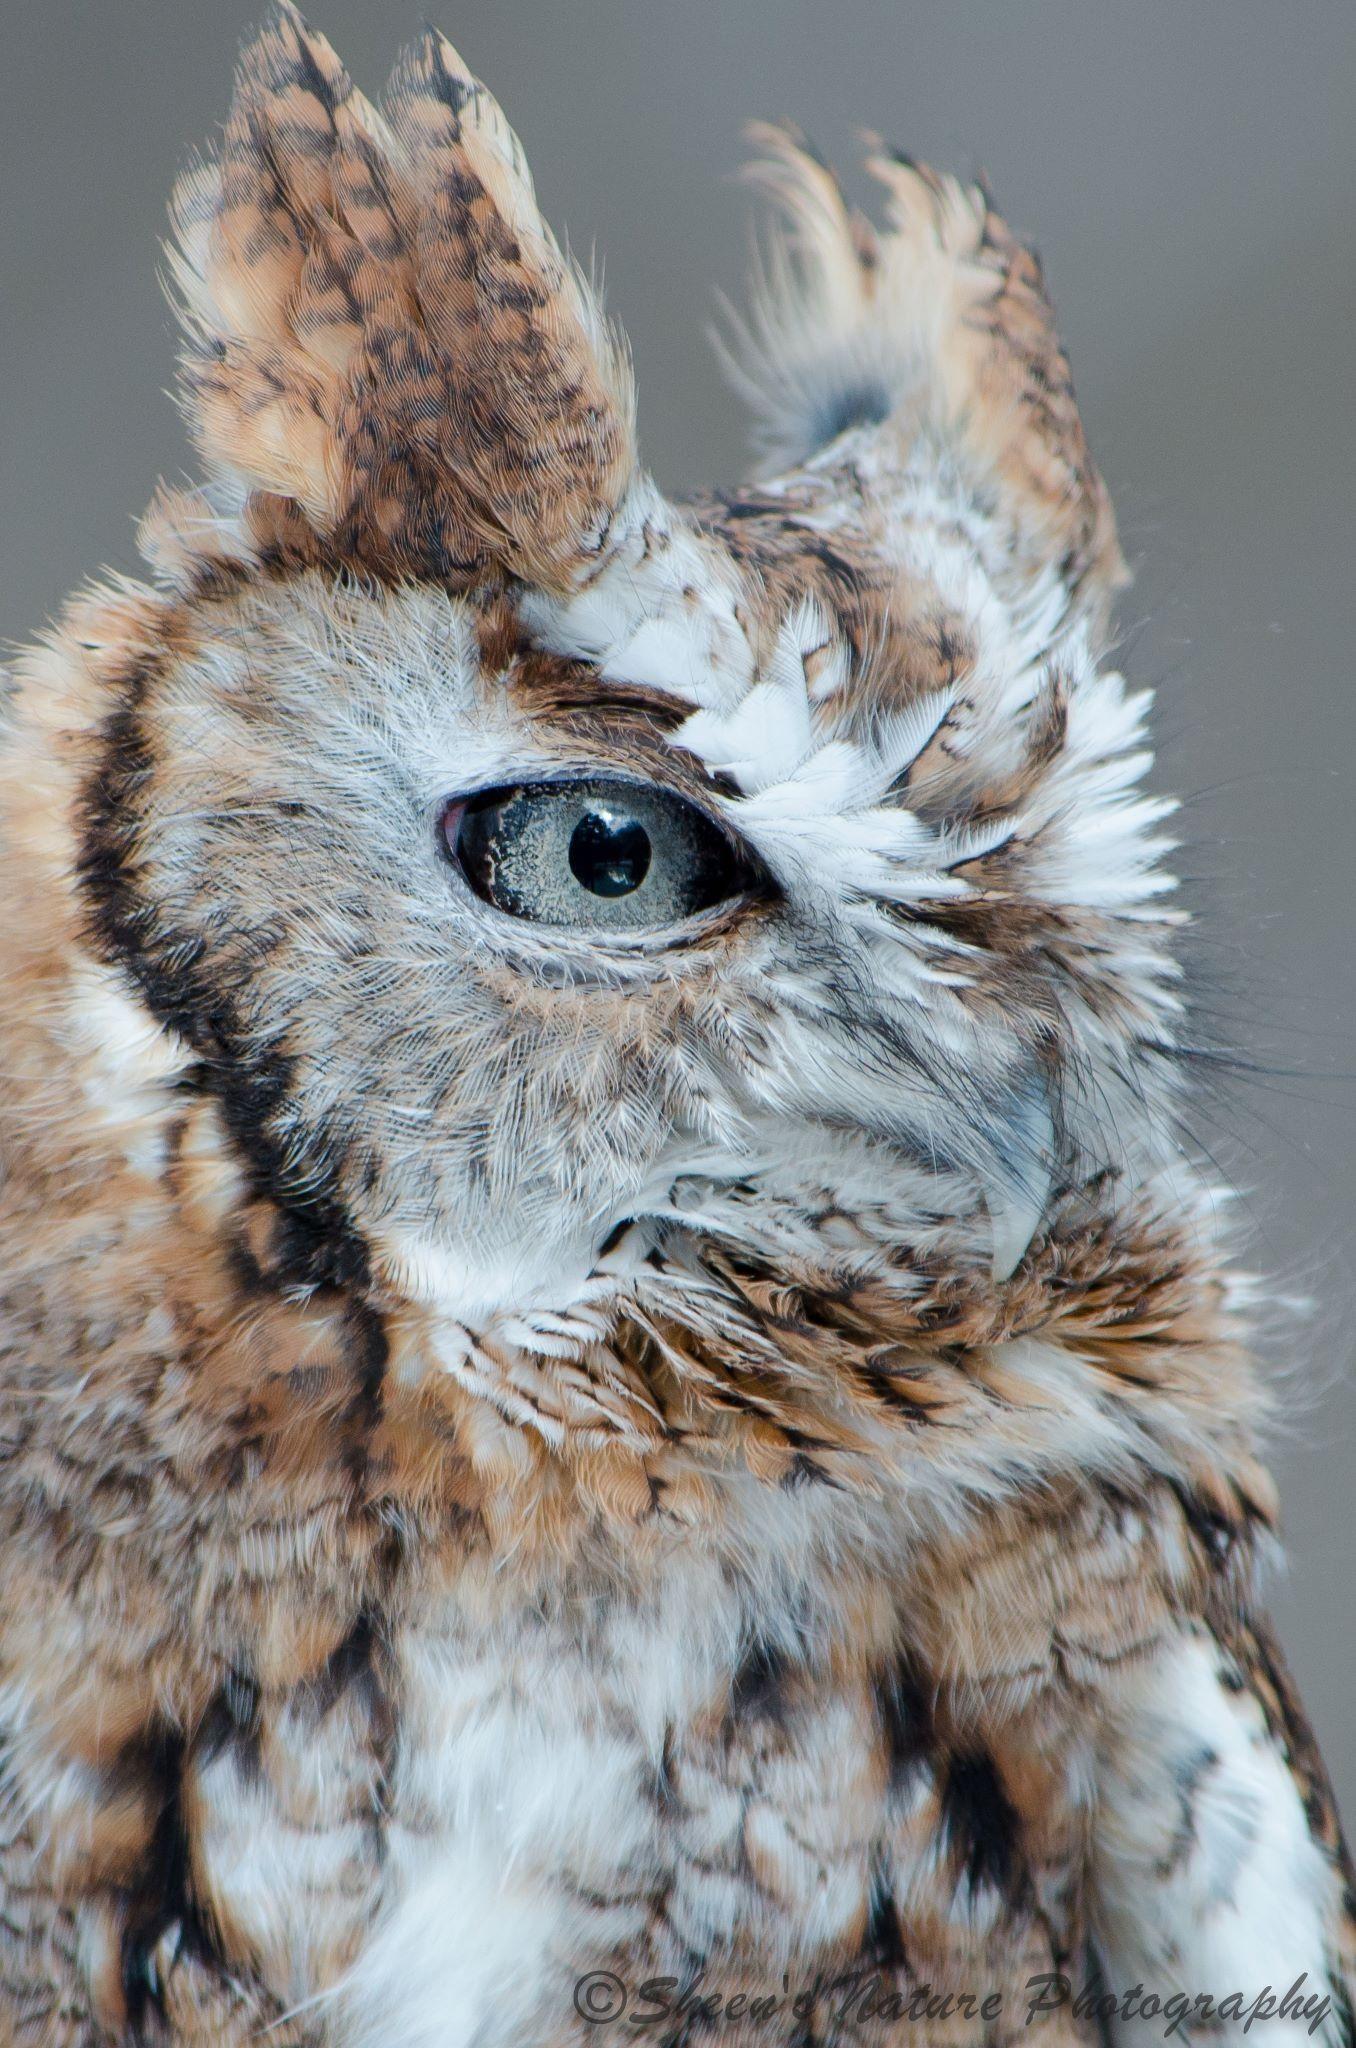 Pin by Nancy Muñoz on Birds Majestic animals, Owl images